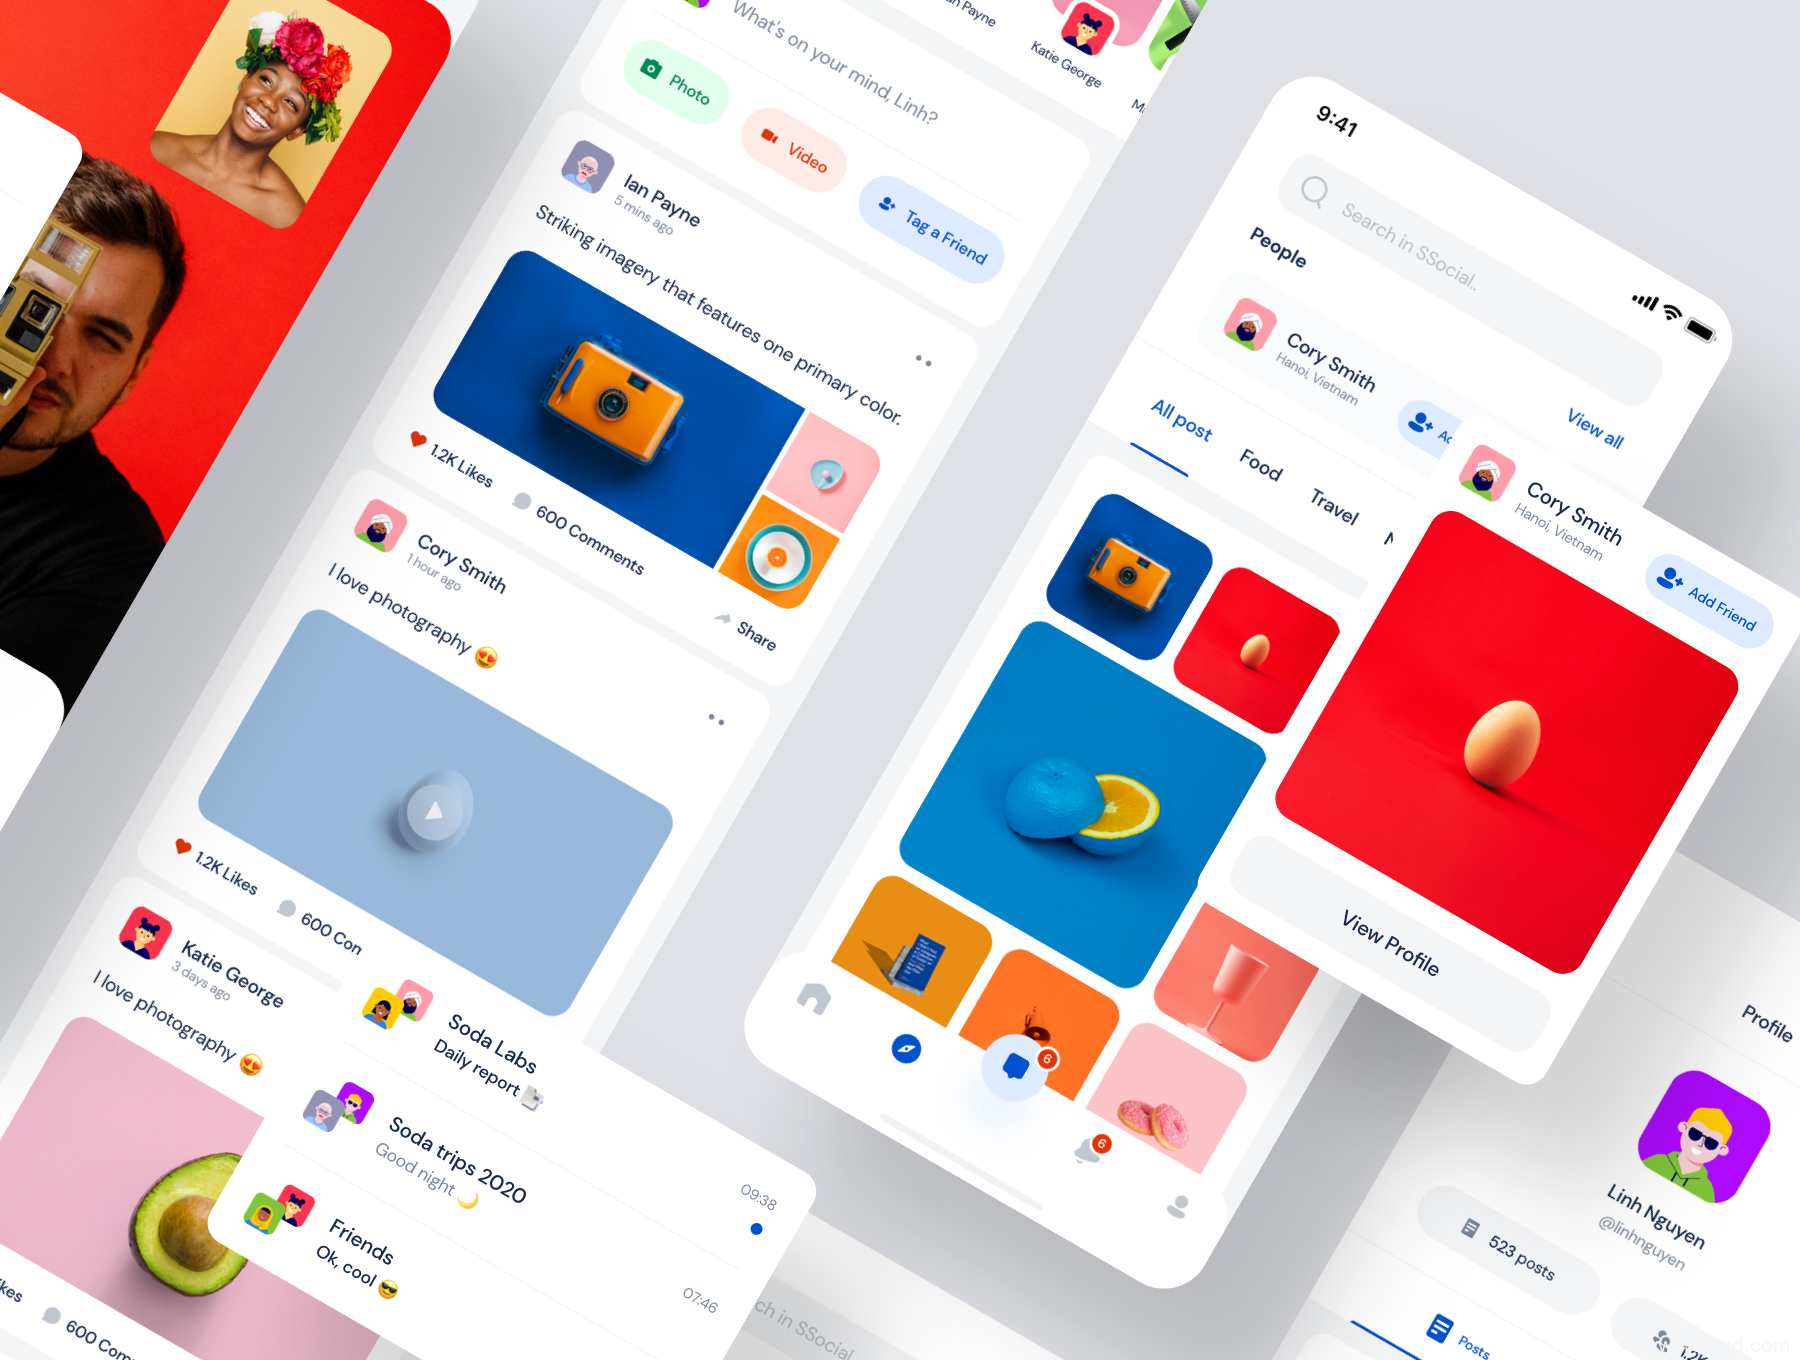 社交app UI kit源文件,图片社交app UI资源下载,社交app UI素材sketch源文件